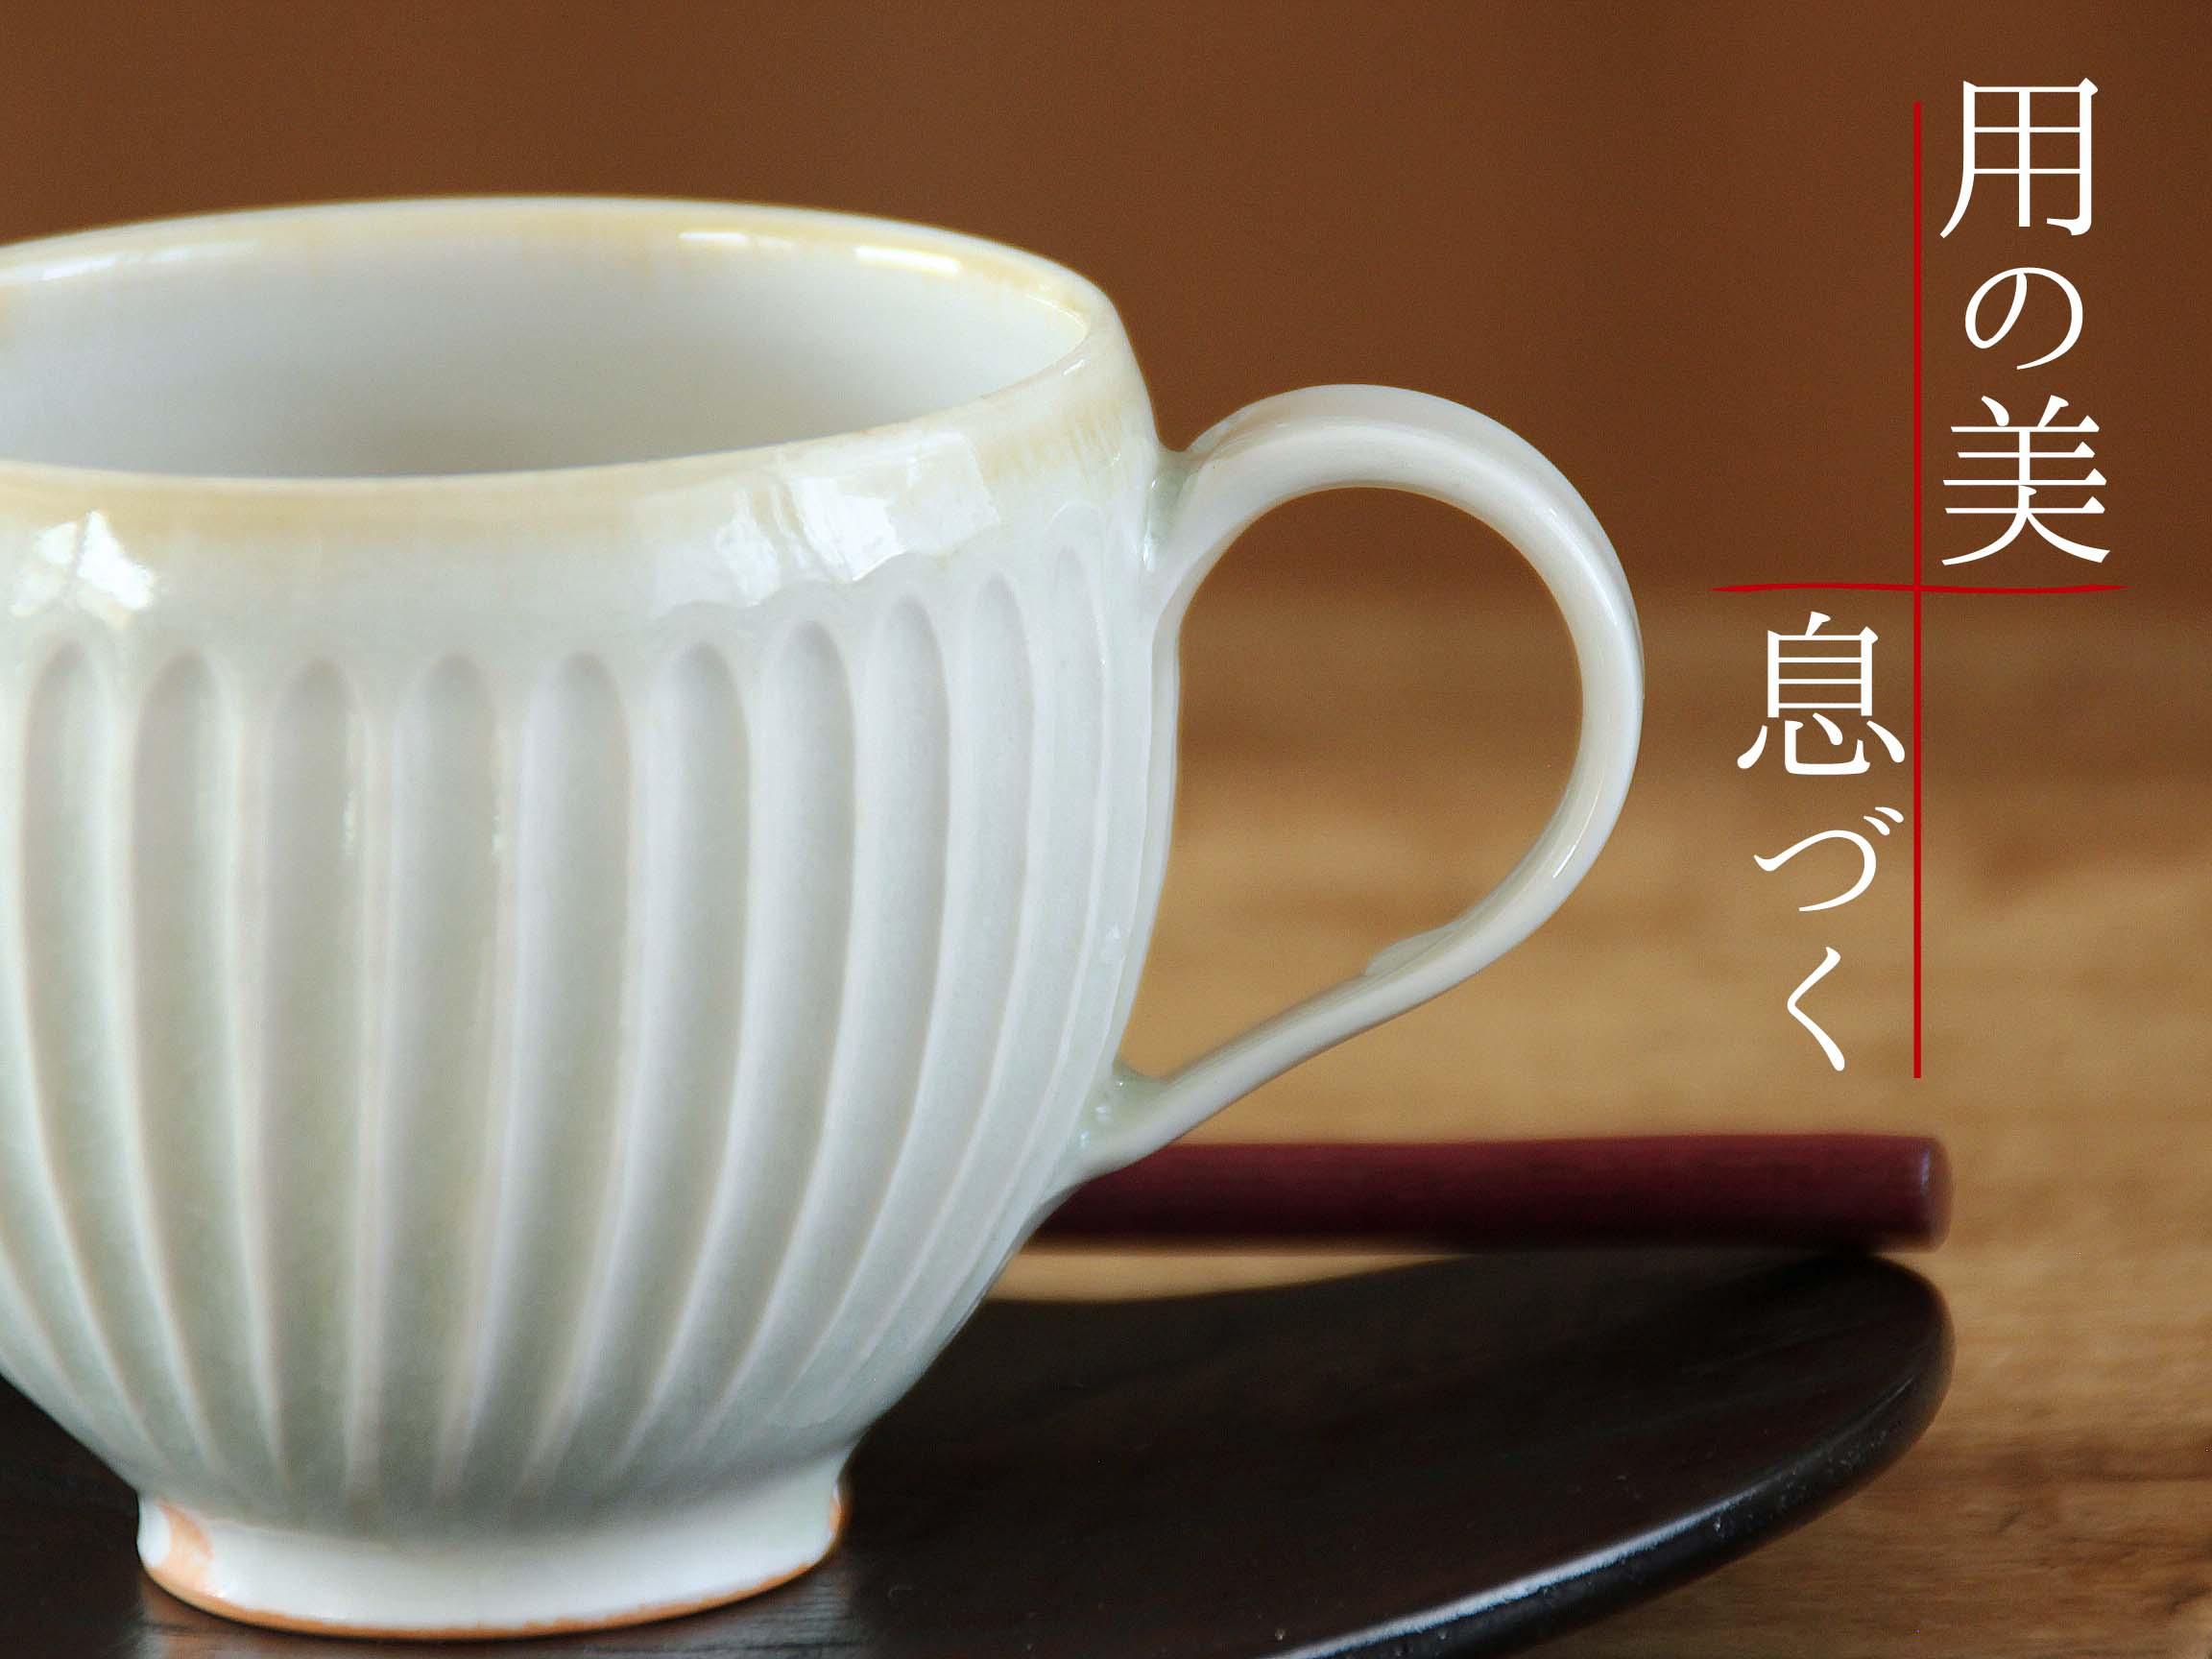 灰釉しのぎマグカップ/磁器